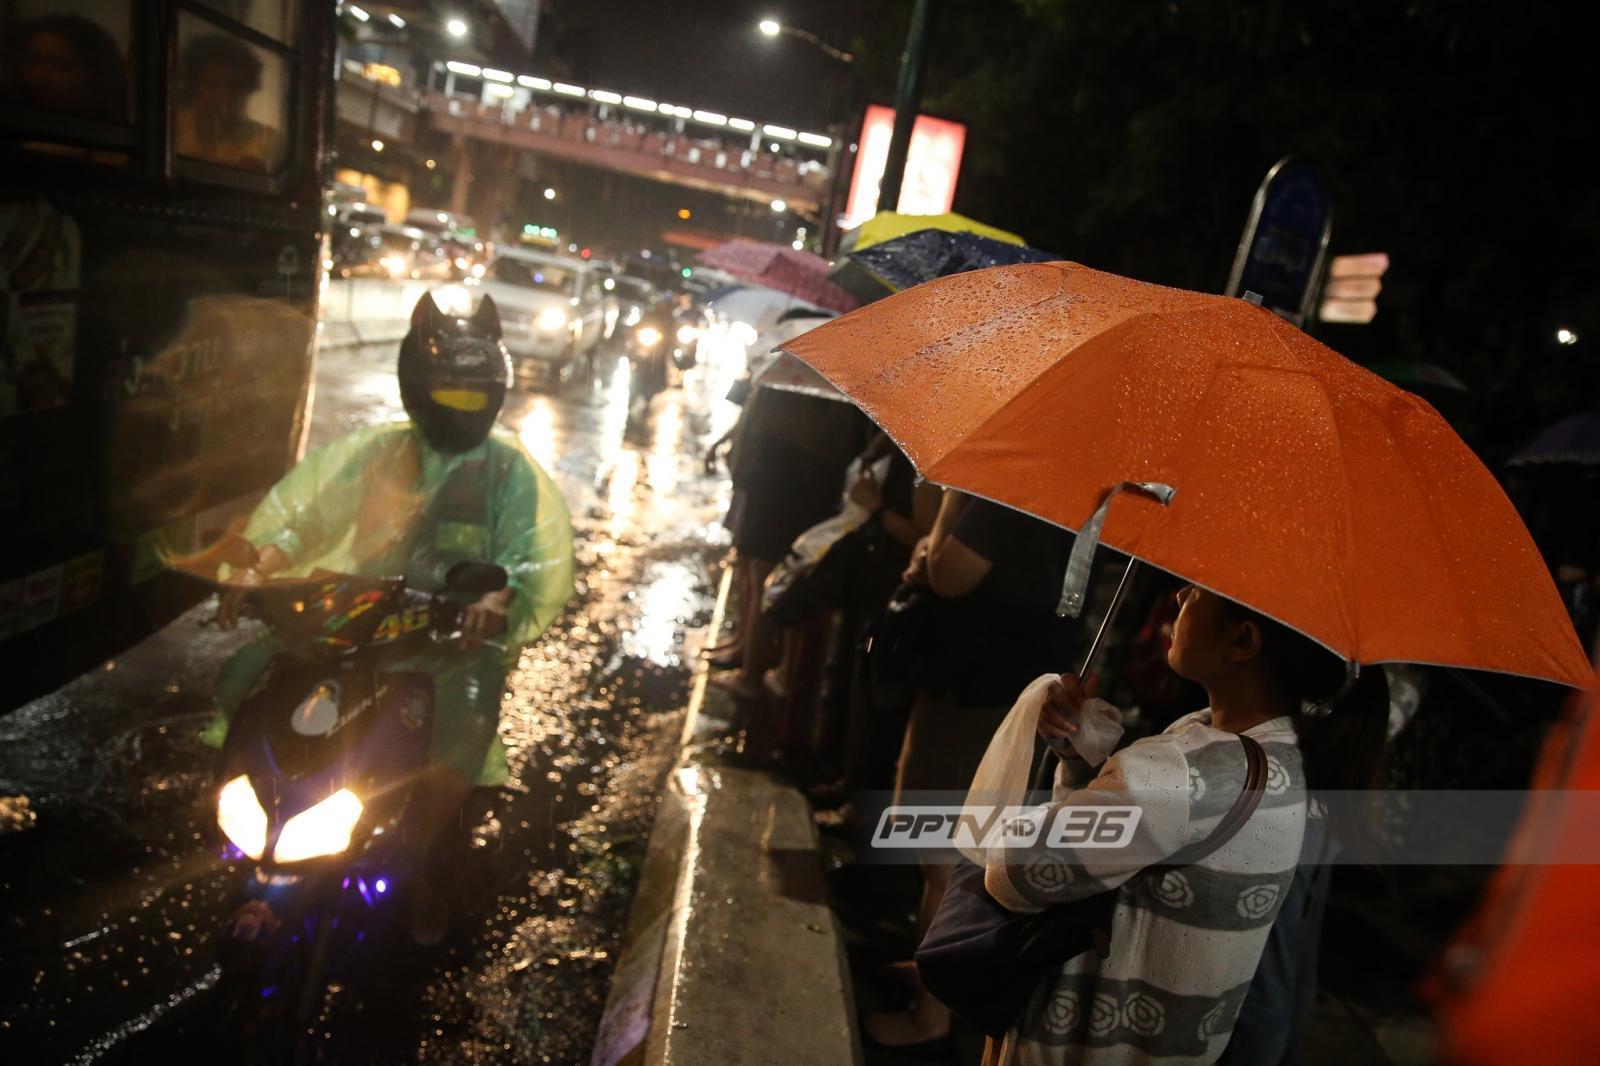 อุตุฯ ชี้ วันนี้ทั่วไทยมีฝนร้อยละ 20-70